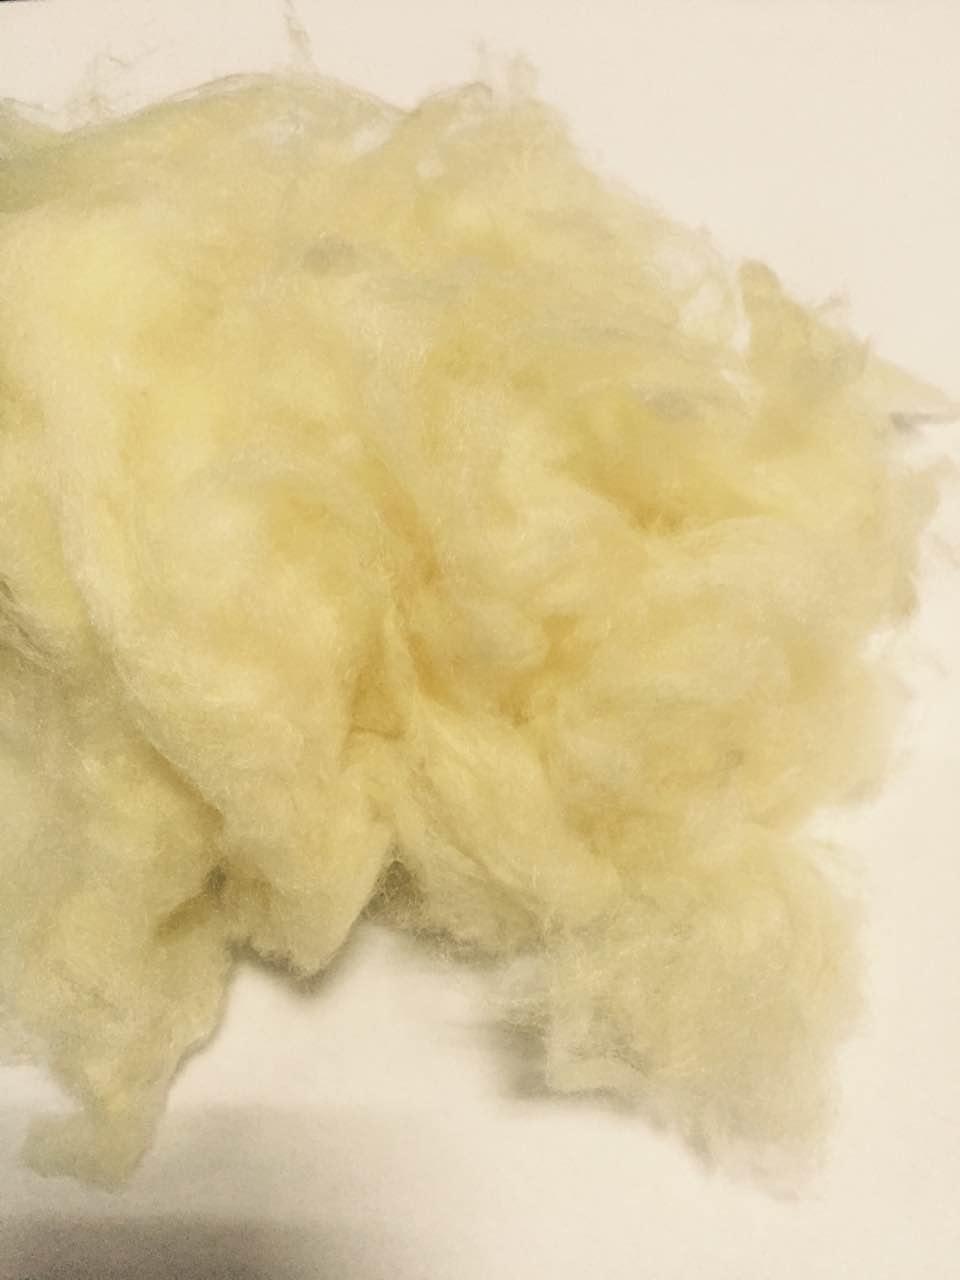 厂家批发PTFE纤维――江苏口碑好的混纺短纤维供应商是哪家